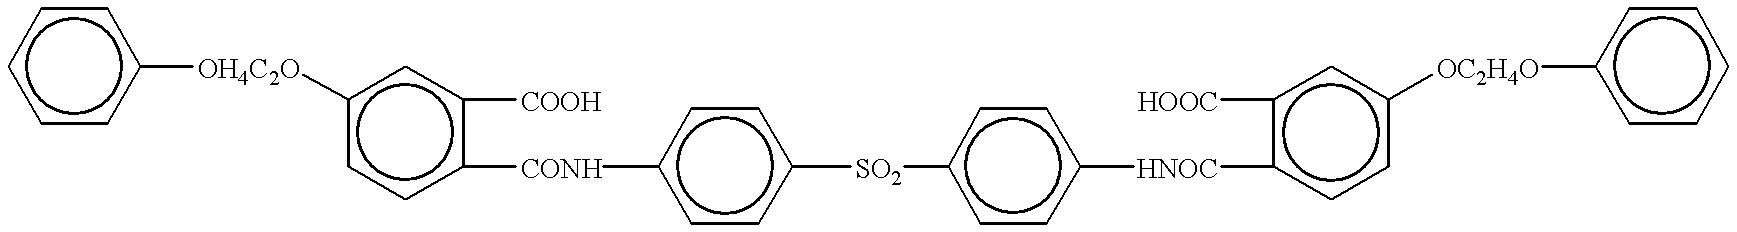 Figure US06180560-20010130-C00517